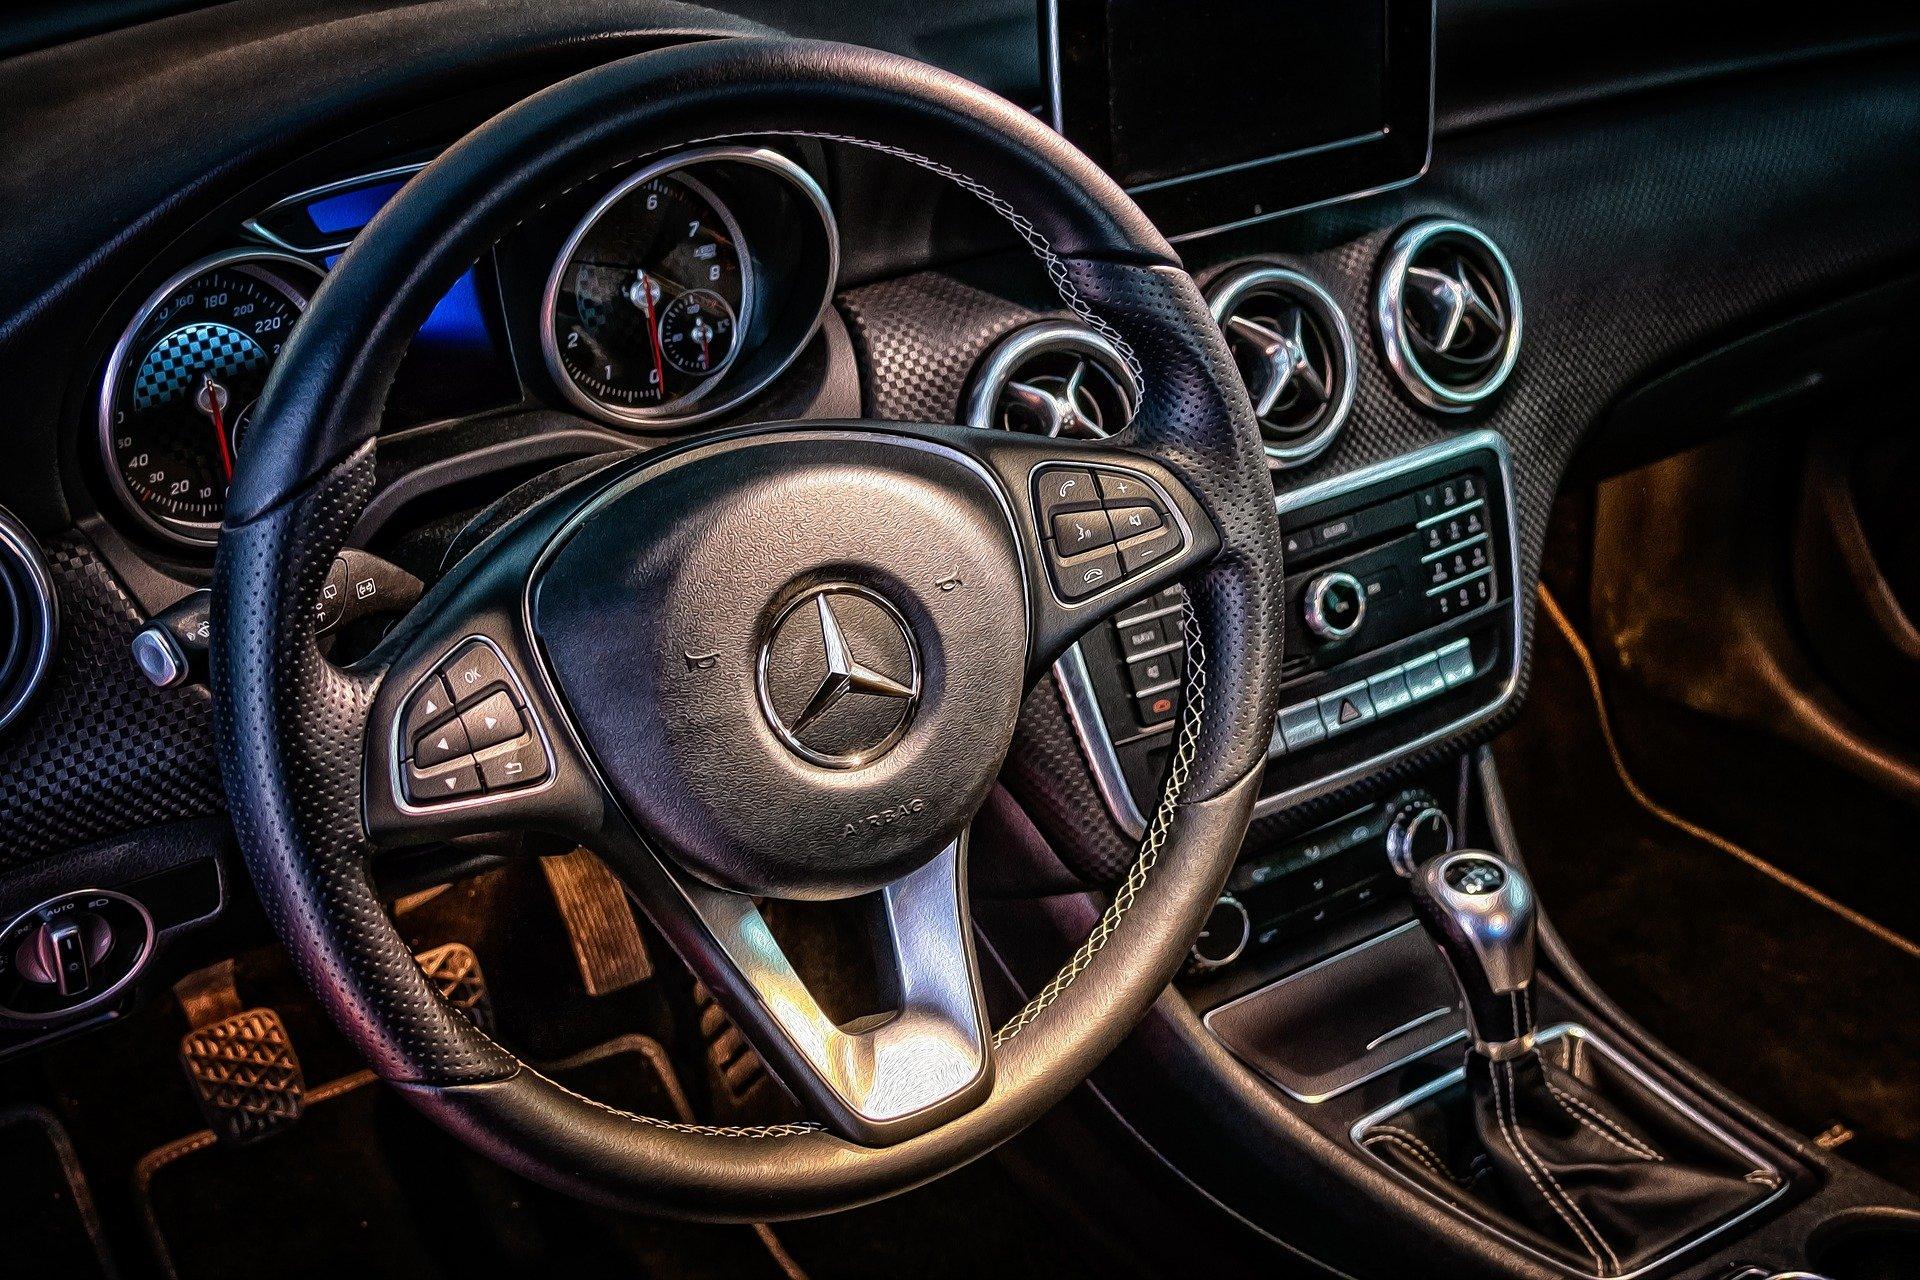 Mercedes LPG interieur - Agin BV